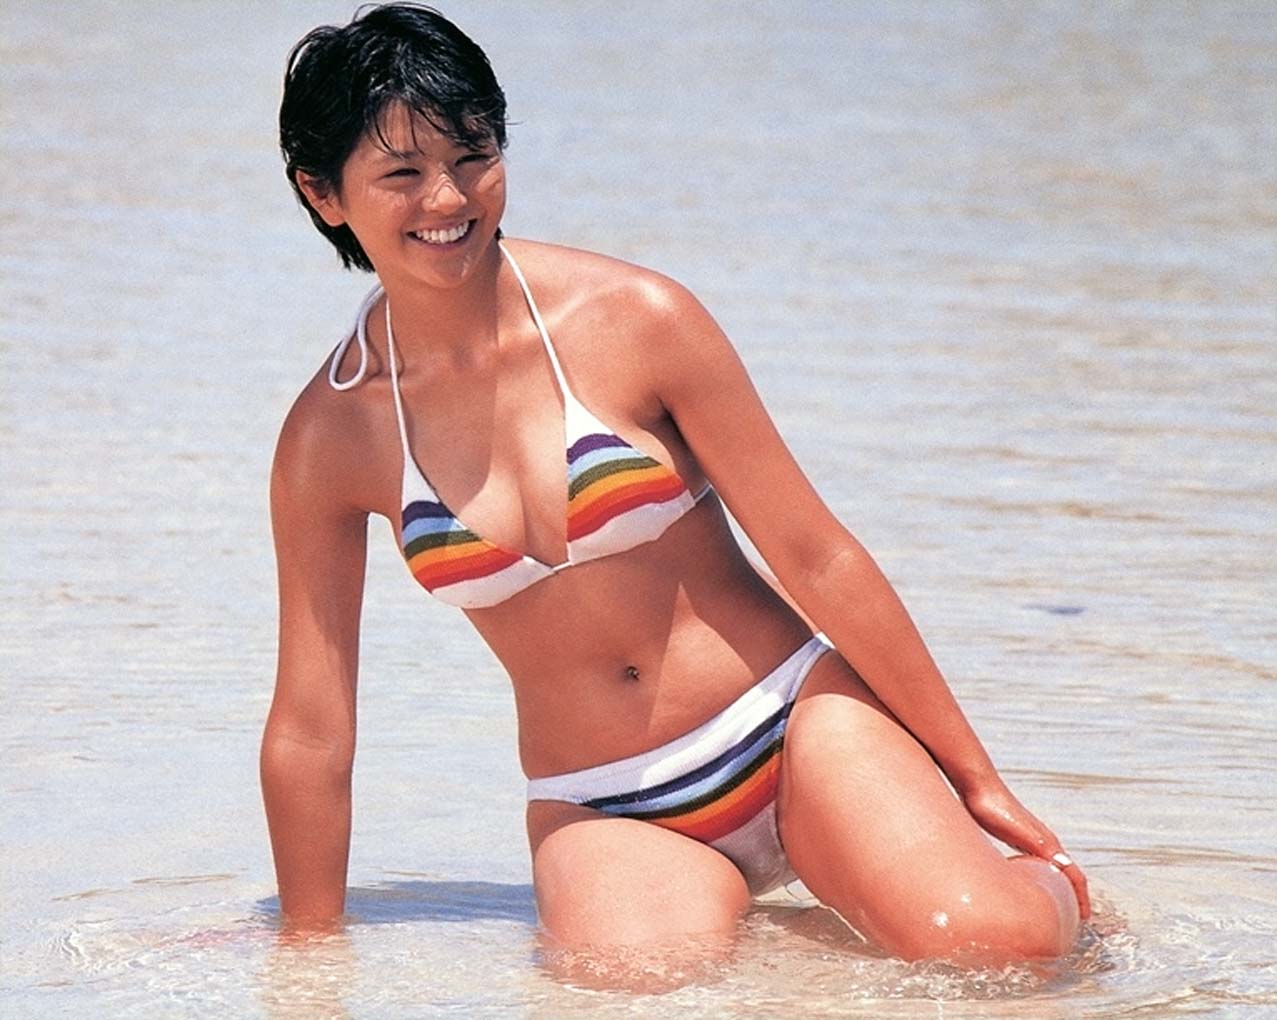 昭和アイドル ヌード 昭和時代のアイドルの水着